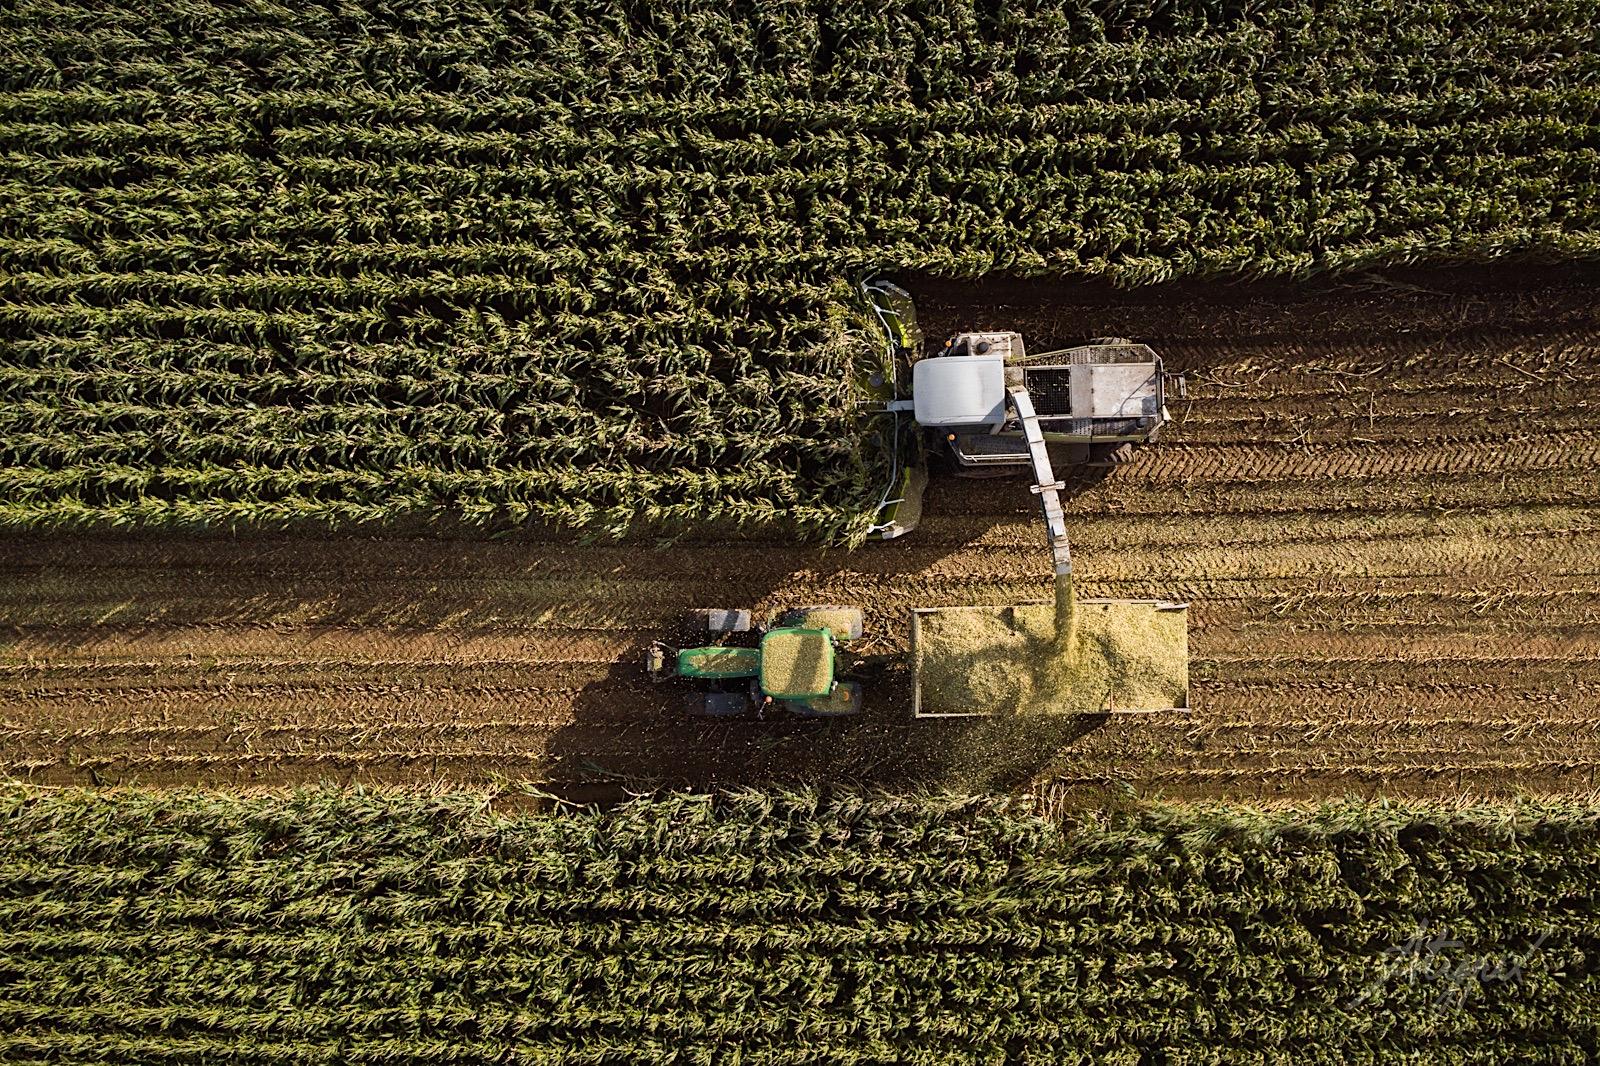 vue aérienne drone champ agriculture